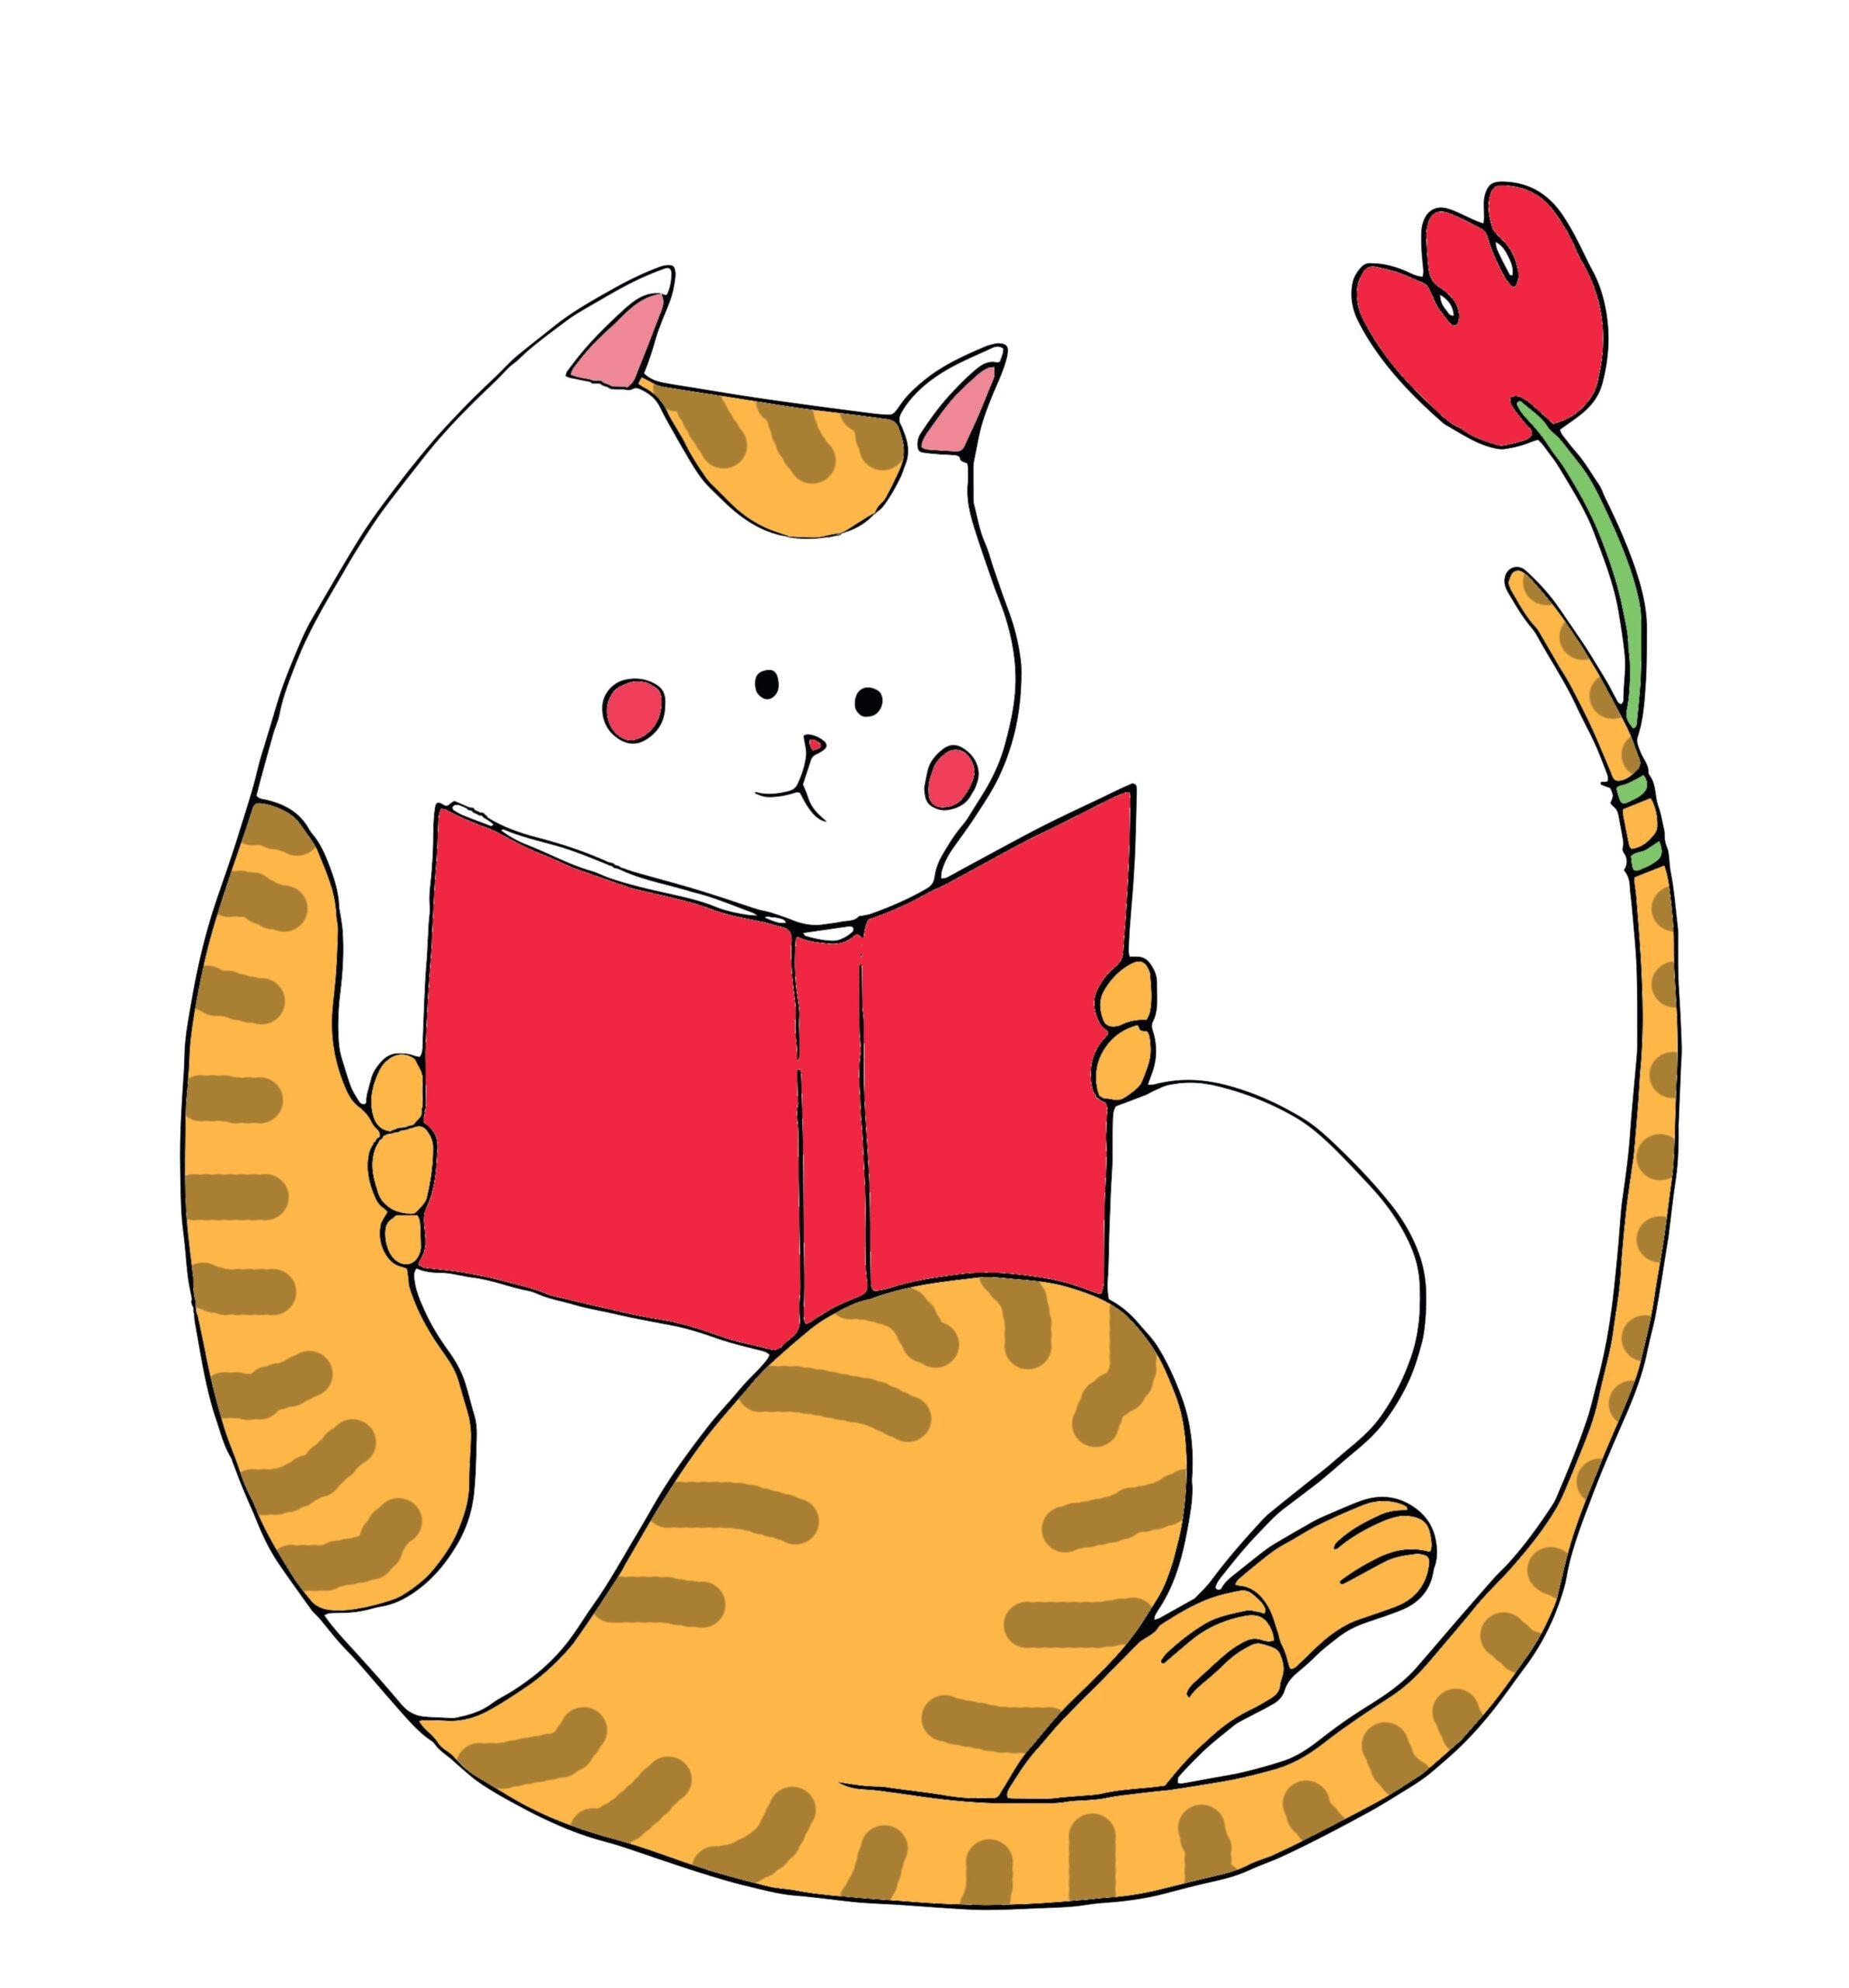 Settembre 2021 – Gennaio 2022 Sabato é… libri, coccole e filastrocche in biblioteca Manfrediana!